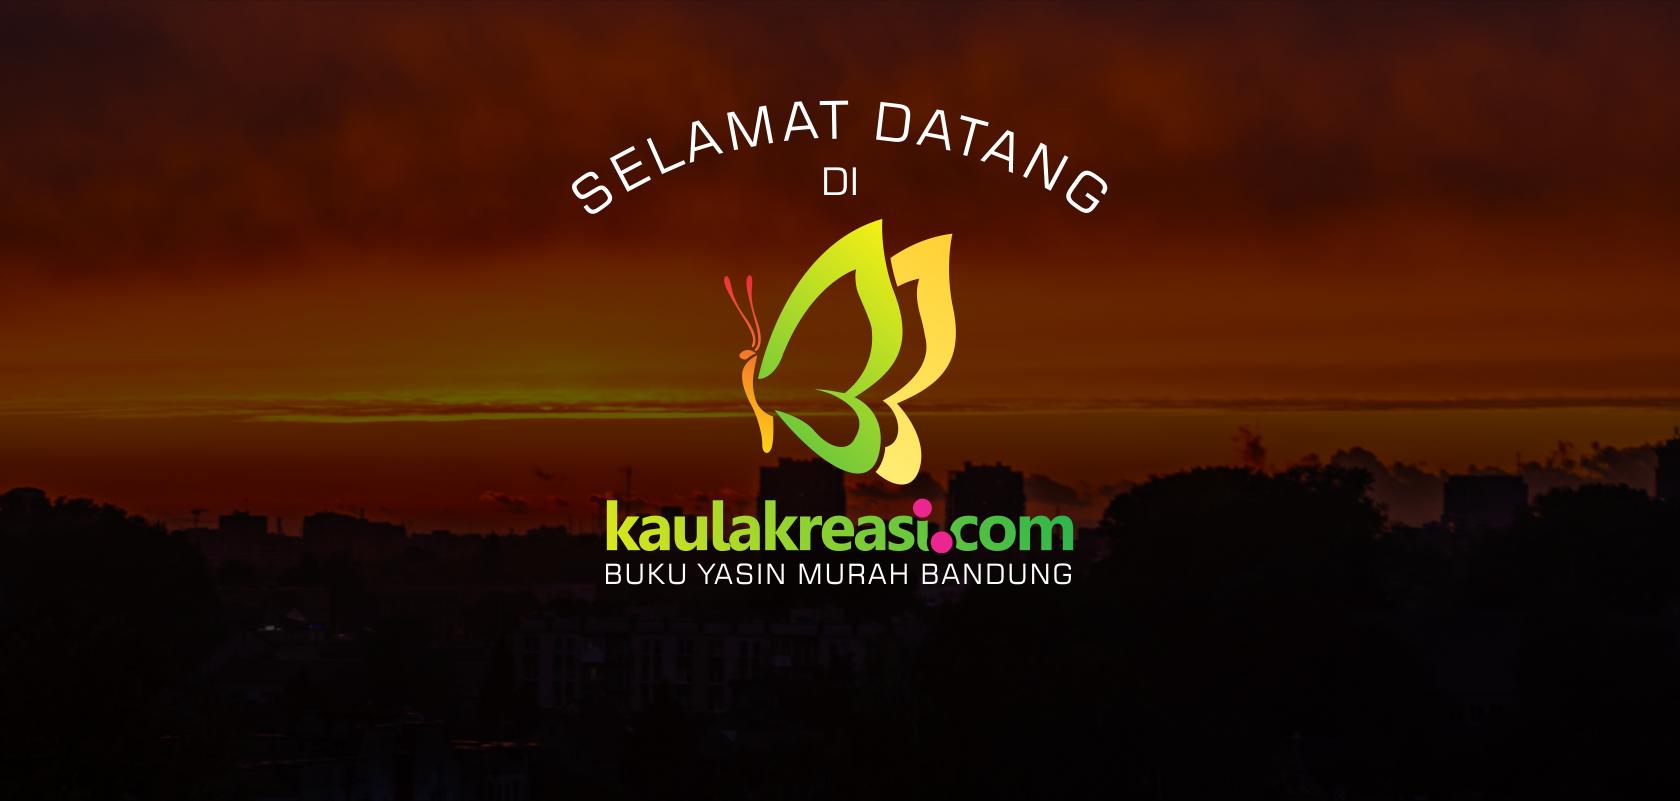 Cetak Yasin Murah Bandung | Kaulakreasi